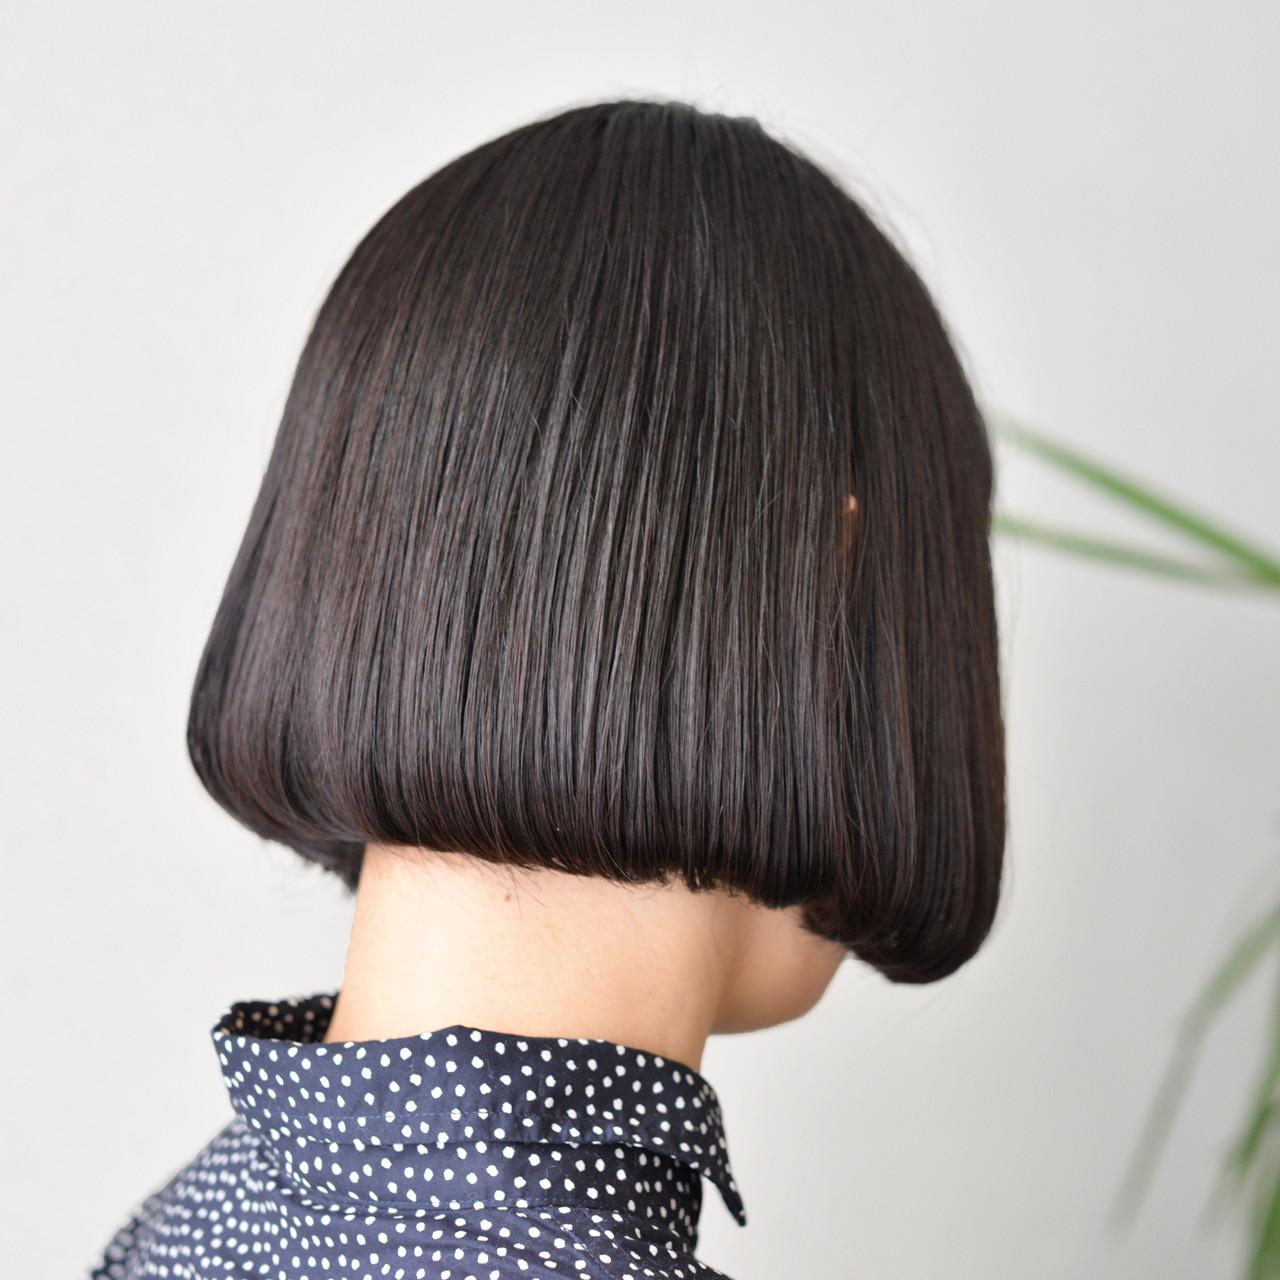 アッシュ 色気 ボブ モード ヘアスタイルや髪型の写真・画像